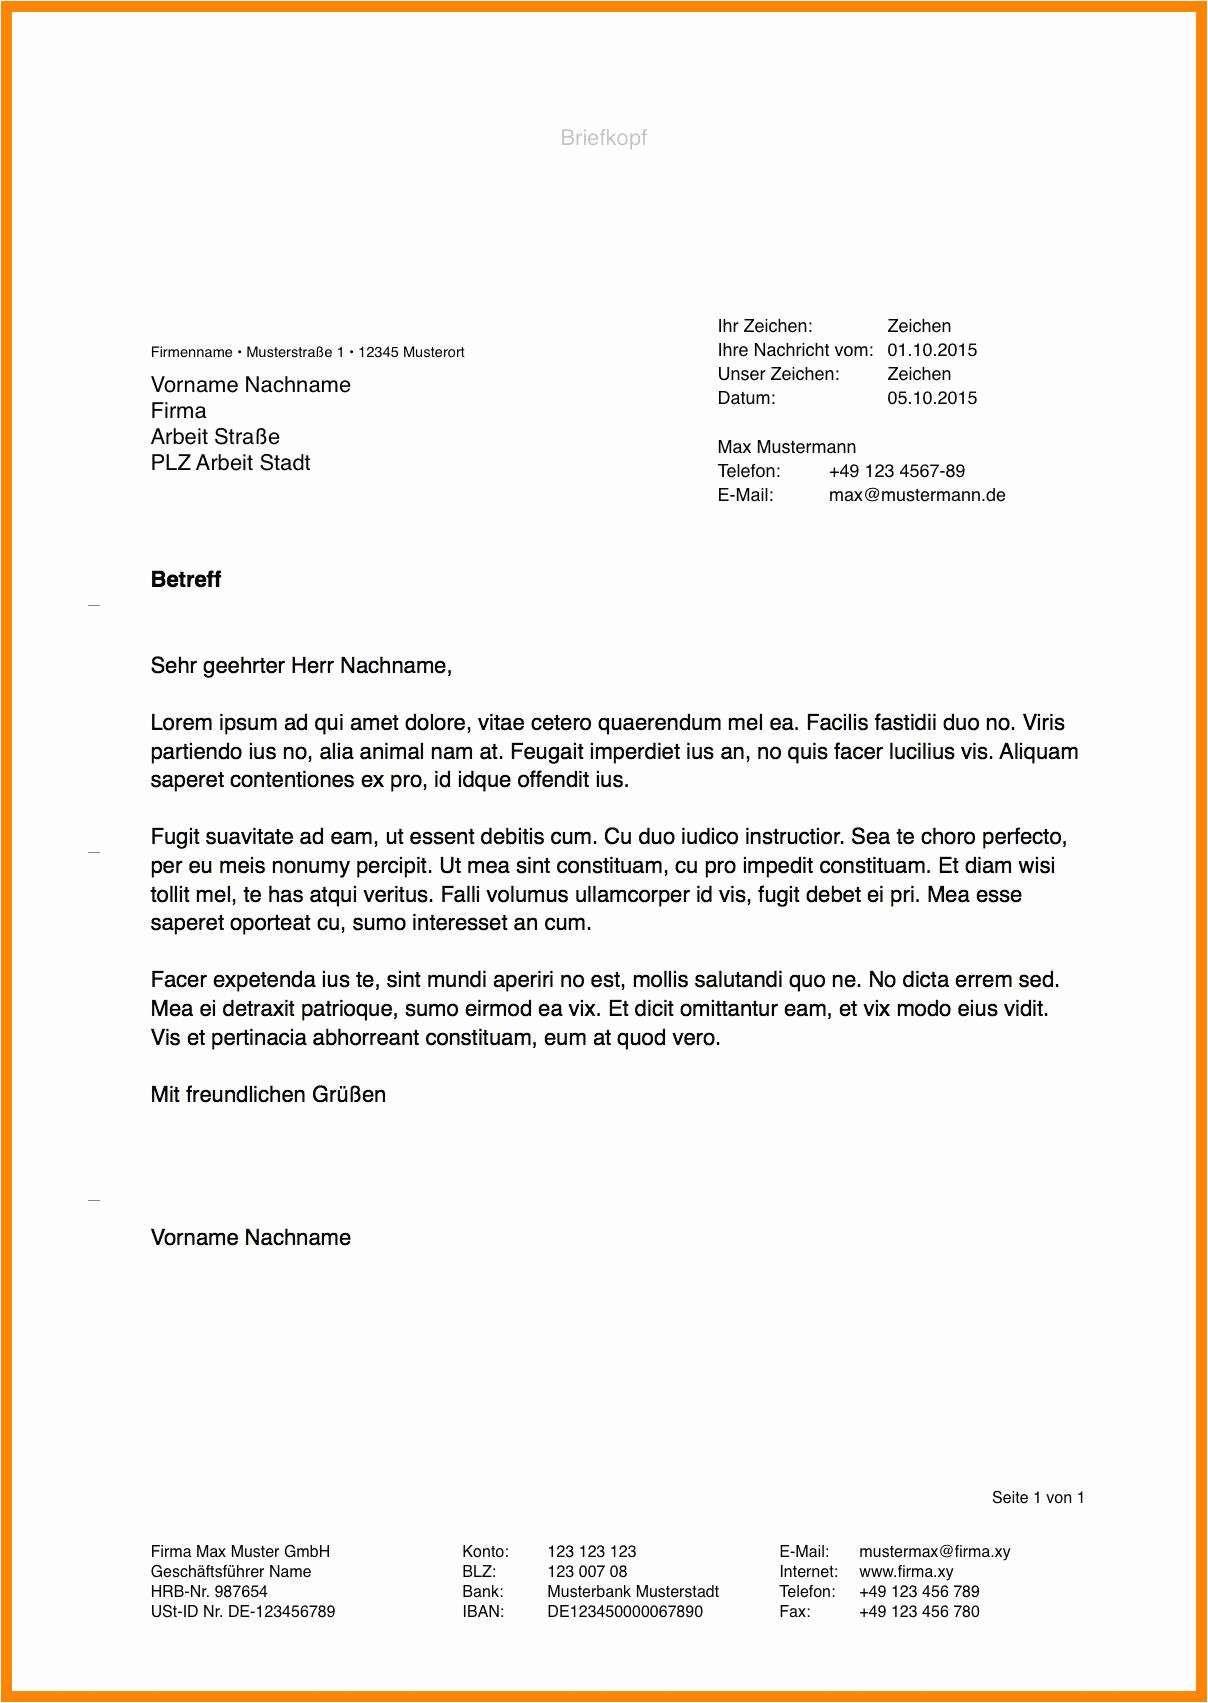 Erstaunlich Kundigung Fitnessvertrag Vorlage In 2020 Vorlagen Flugblatt Design Briefvorlagen